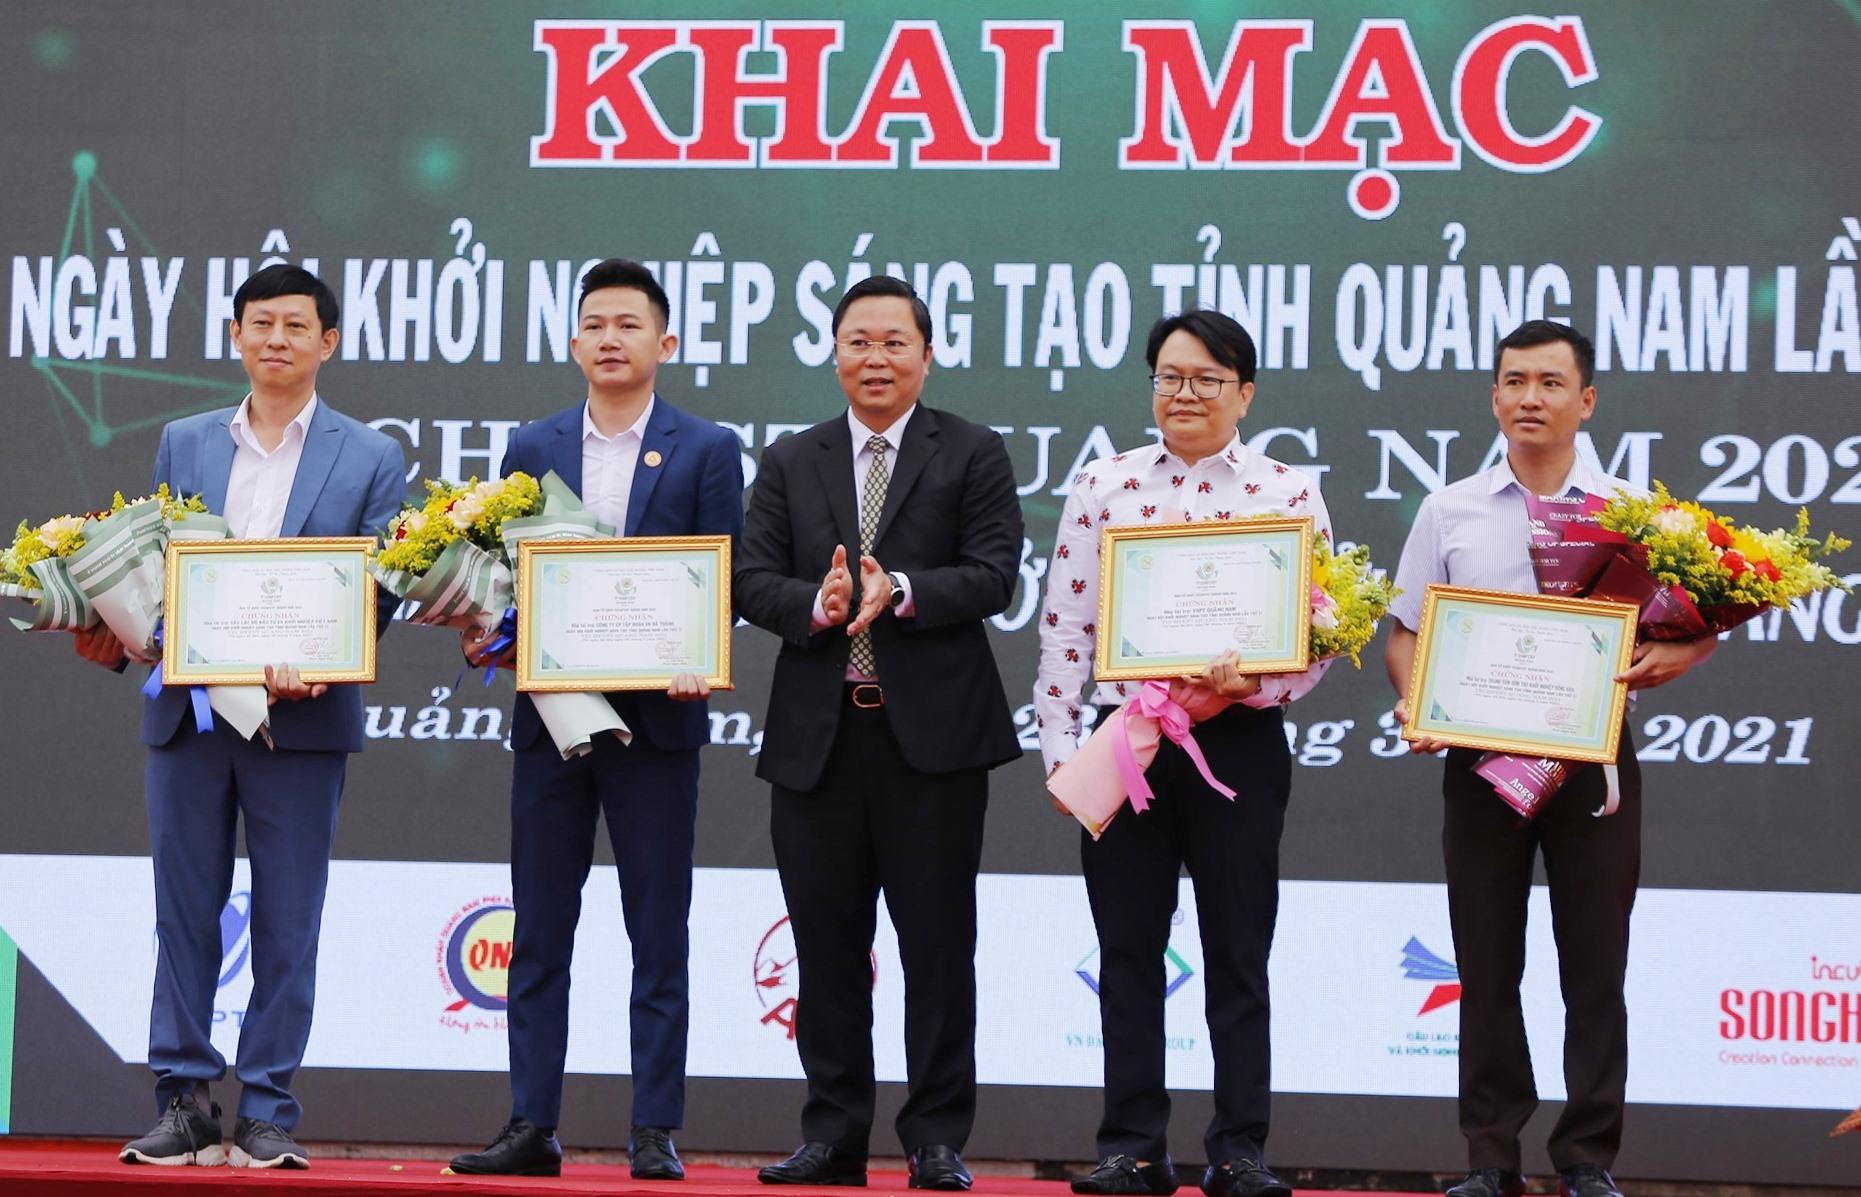 Tặng hoa cho các đơn vị đồng hành cùng TechFest Quảng Nam lần thứ 2. Ảnh: C.V